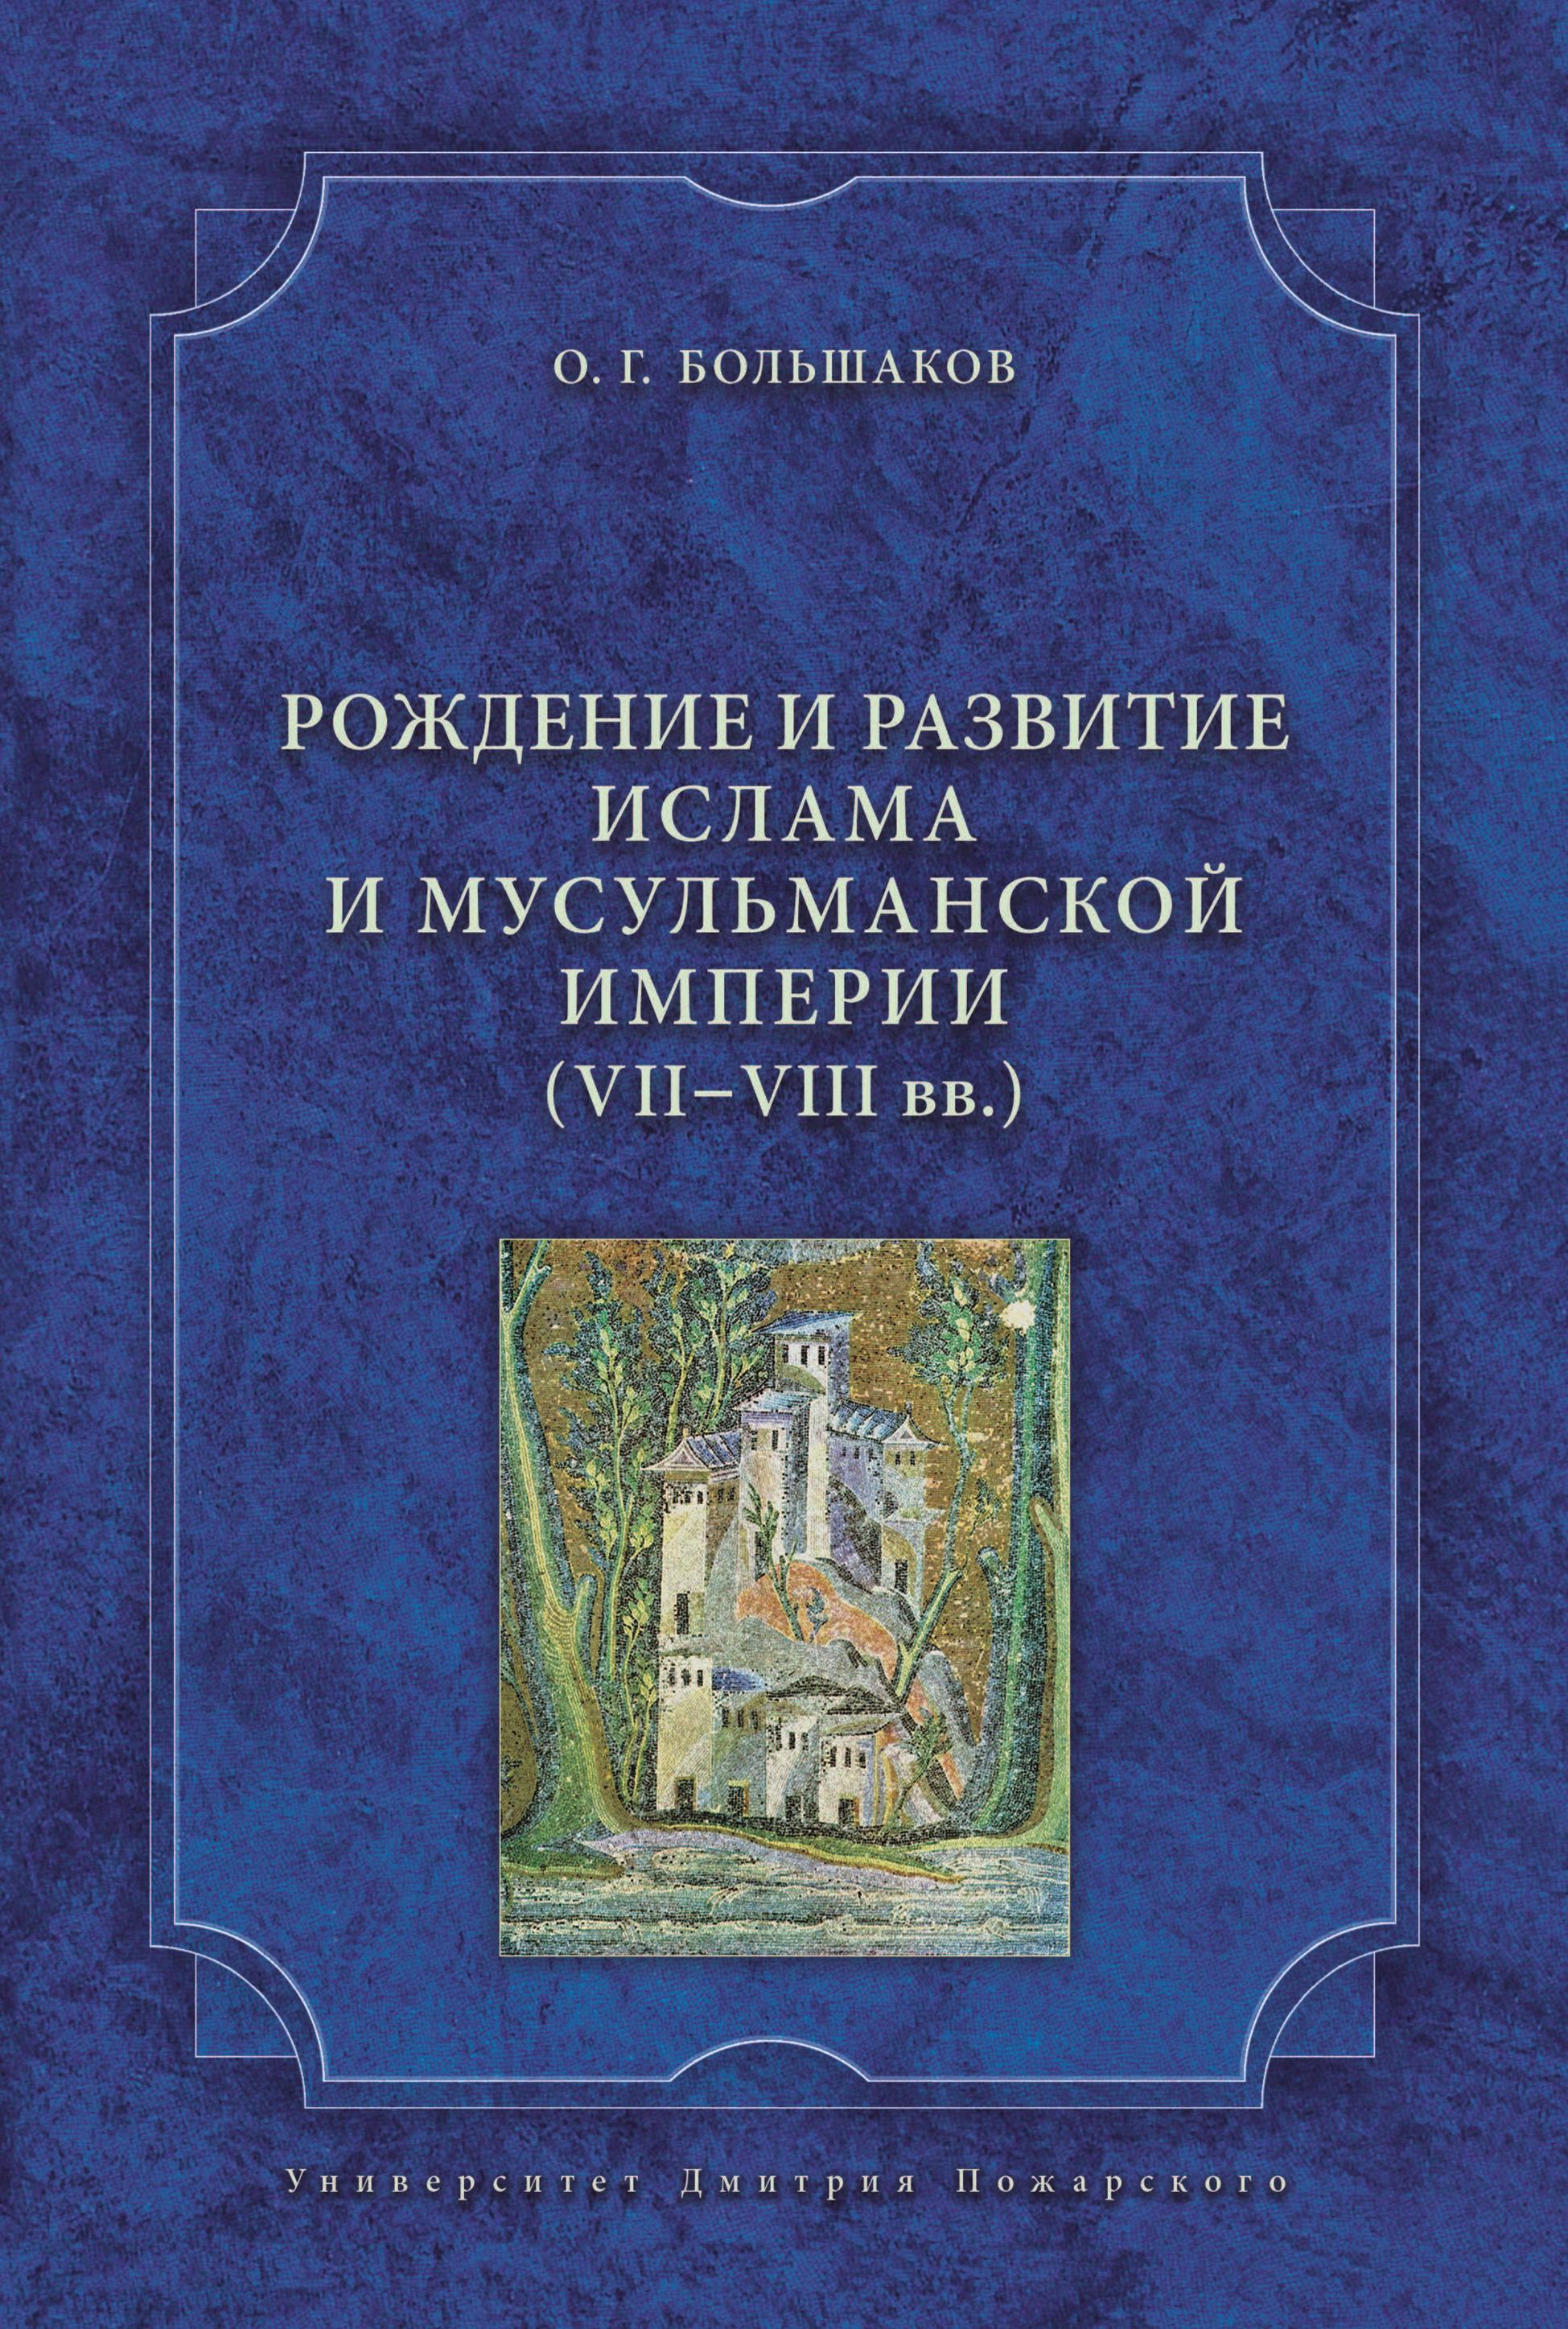 Рождение и развитие ислама и мусульманской империи (VII-VIII вв.)